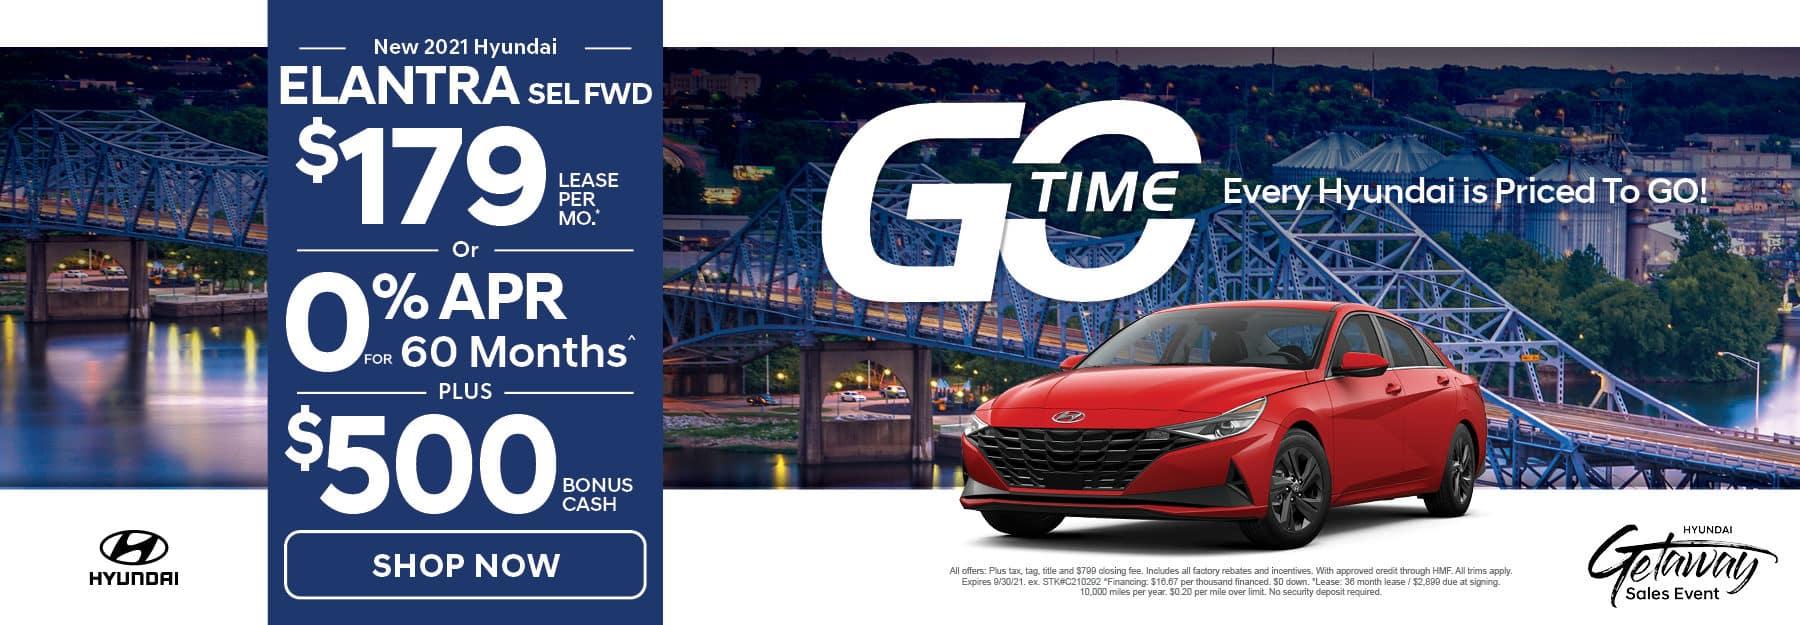 Go Time - New 2021 Hyundai Elantra